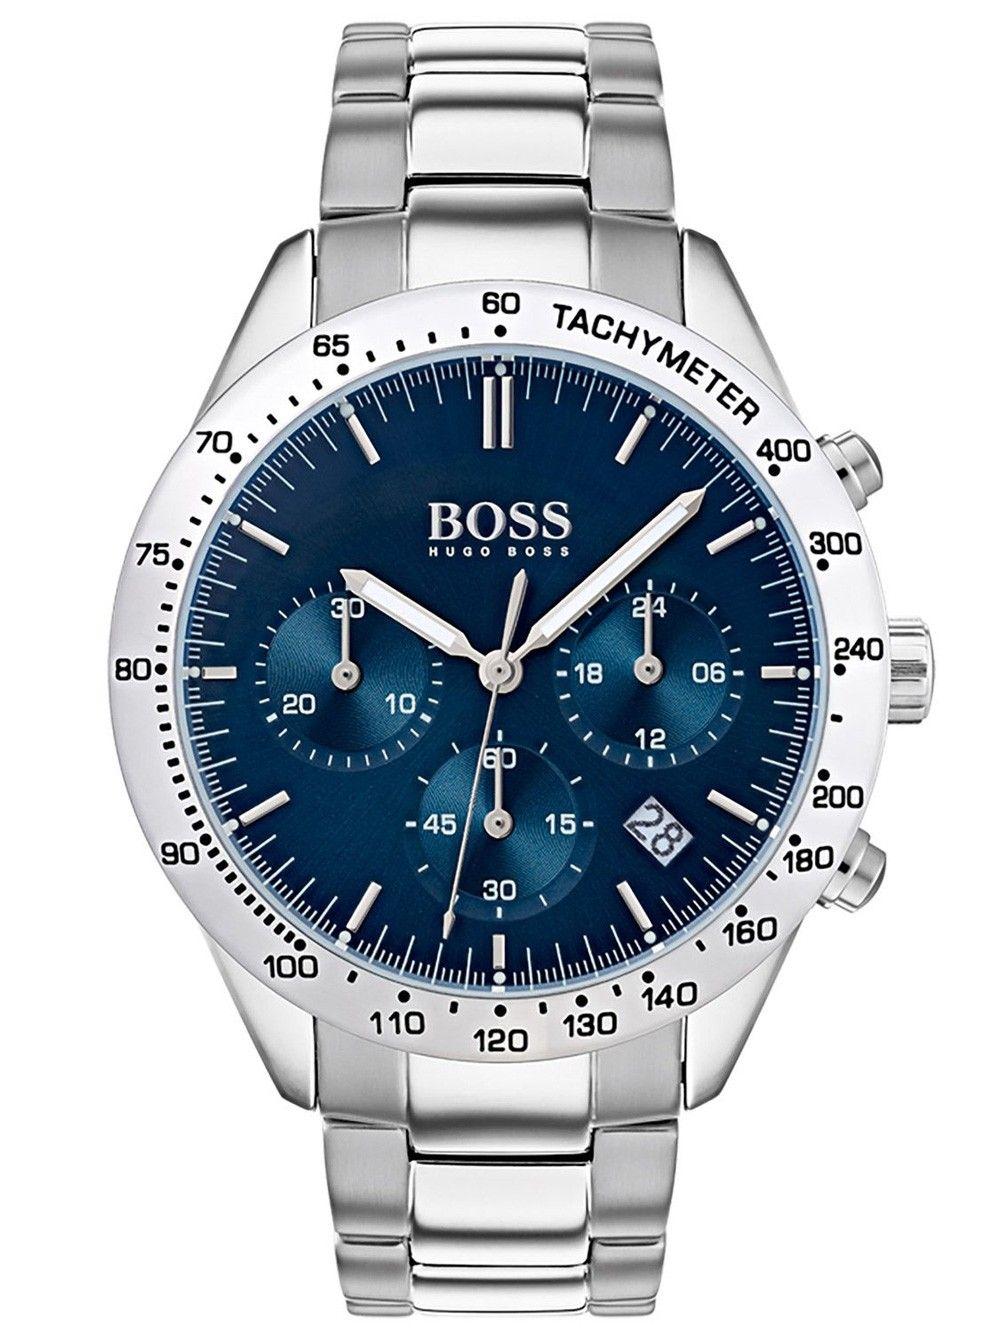 Hugo Boss 1513582 Talent Chronograph 41mm 5atm Uhren Herren Chronograph Armbanduhr Uhren Herren